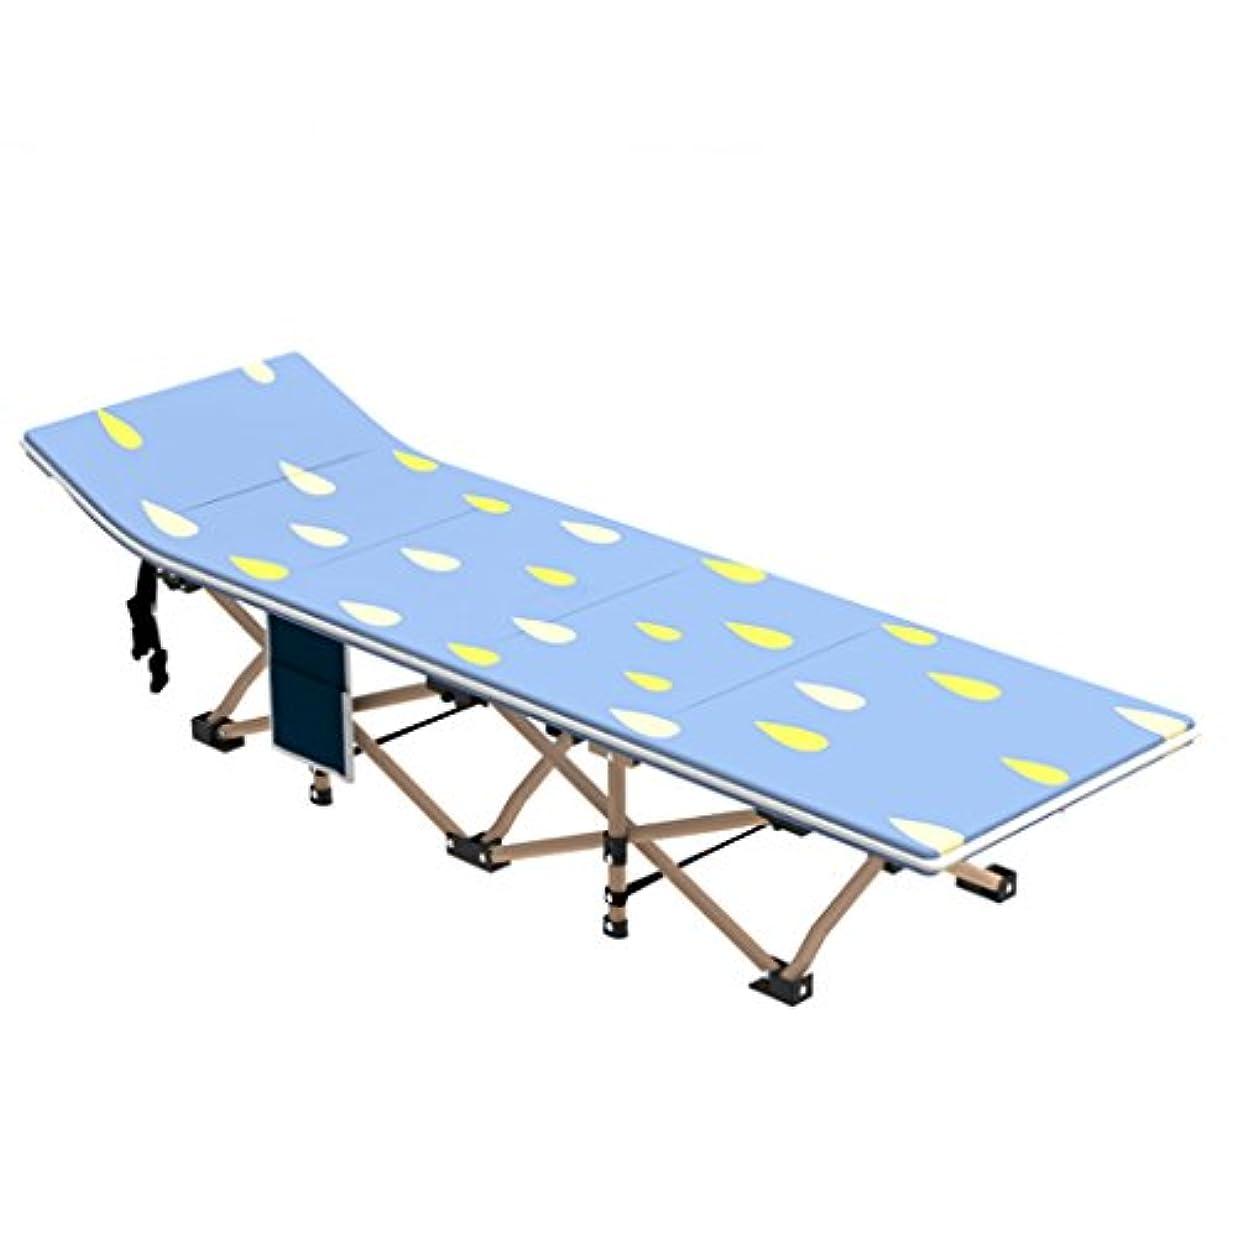 服を洗う揺れる条約TangMengYun 折り畳みシートシングルオフィスシエアベッドホームカウチアダルトポータブルベッドキャンプベッド (Color : Navy blue+cushion, サイズ : 190*67*35CM)